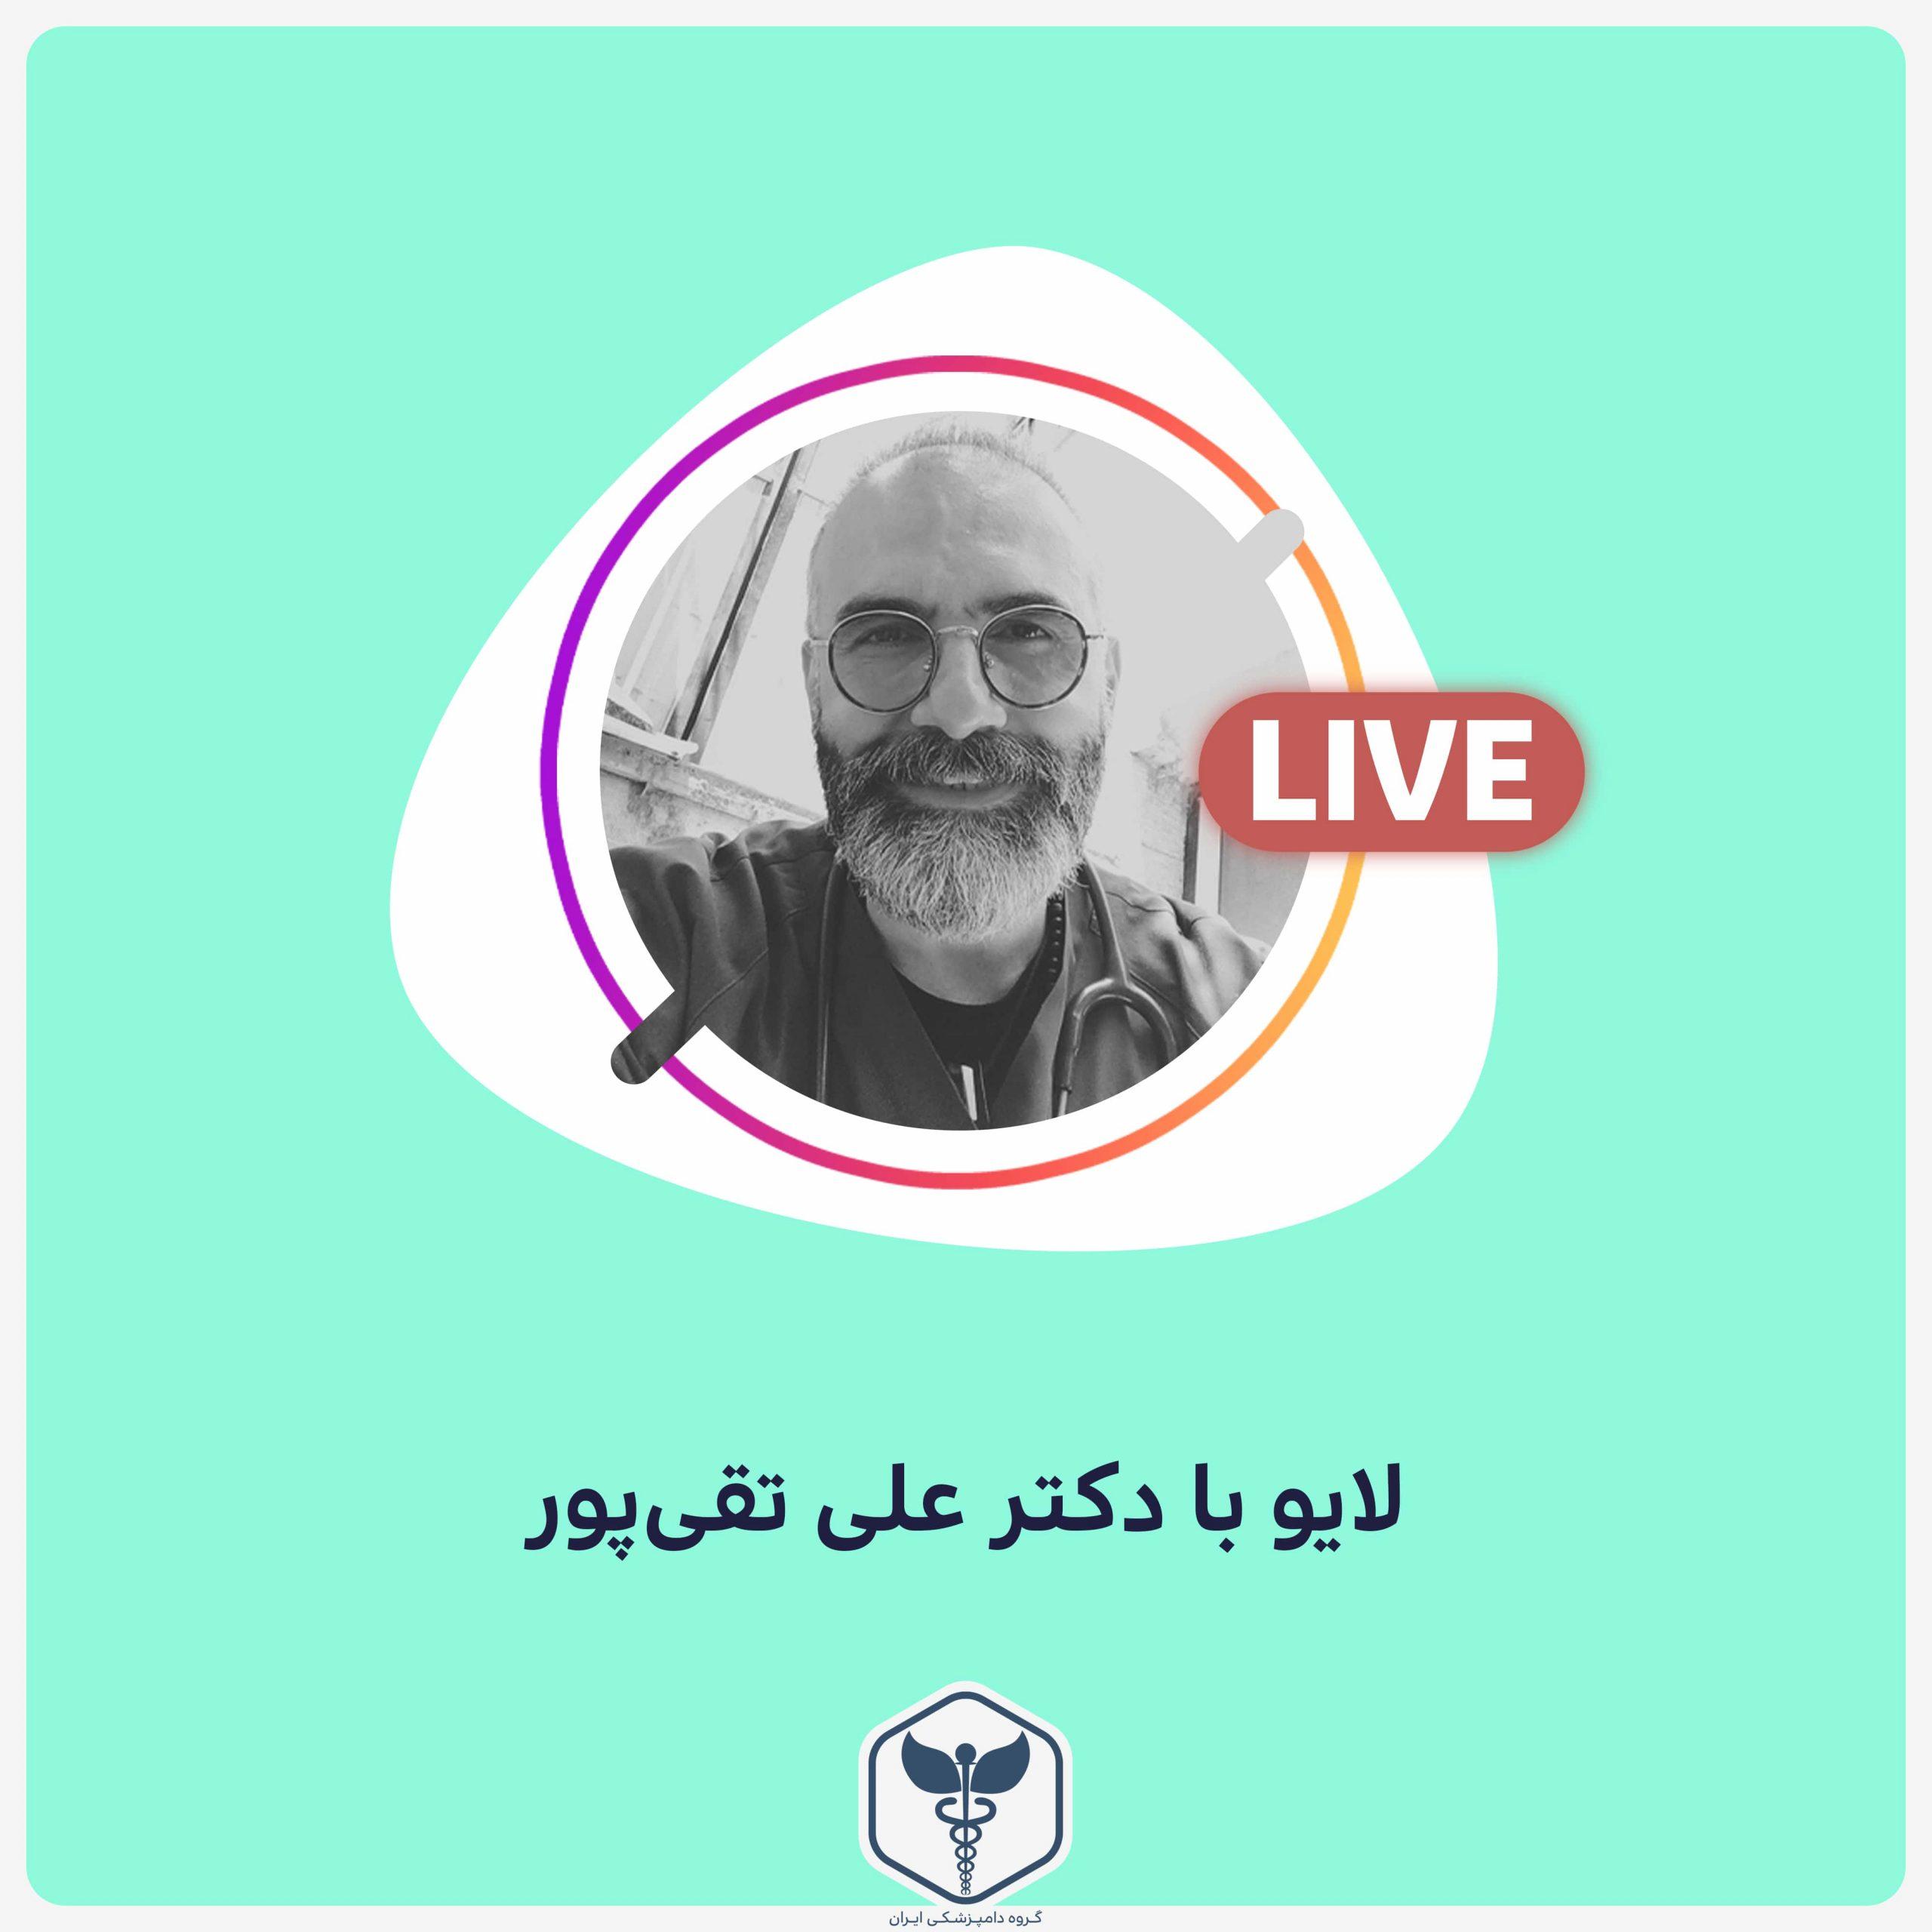 لایو با دکتر تقی پور